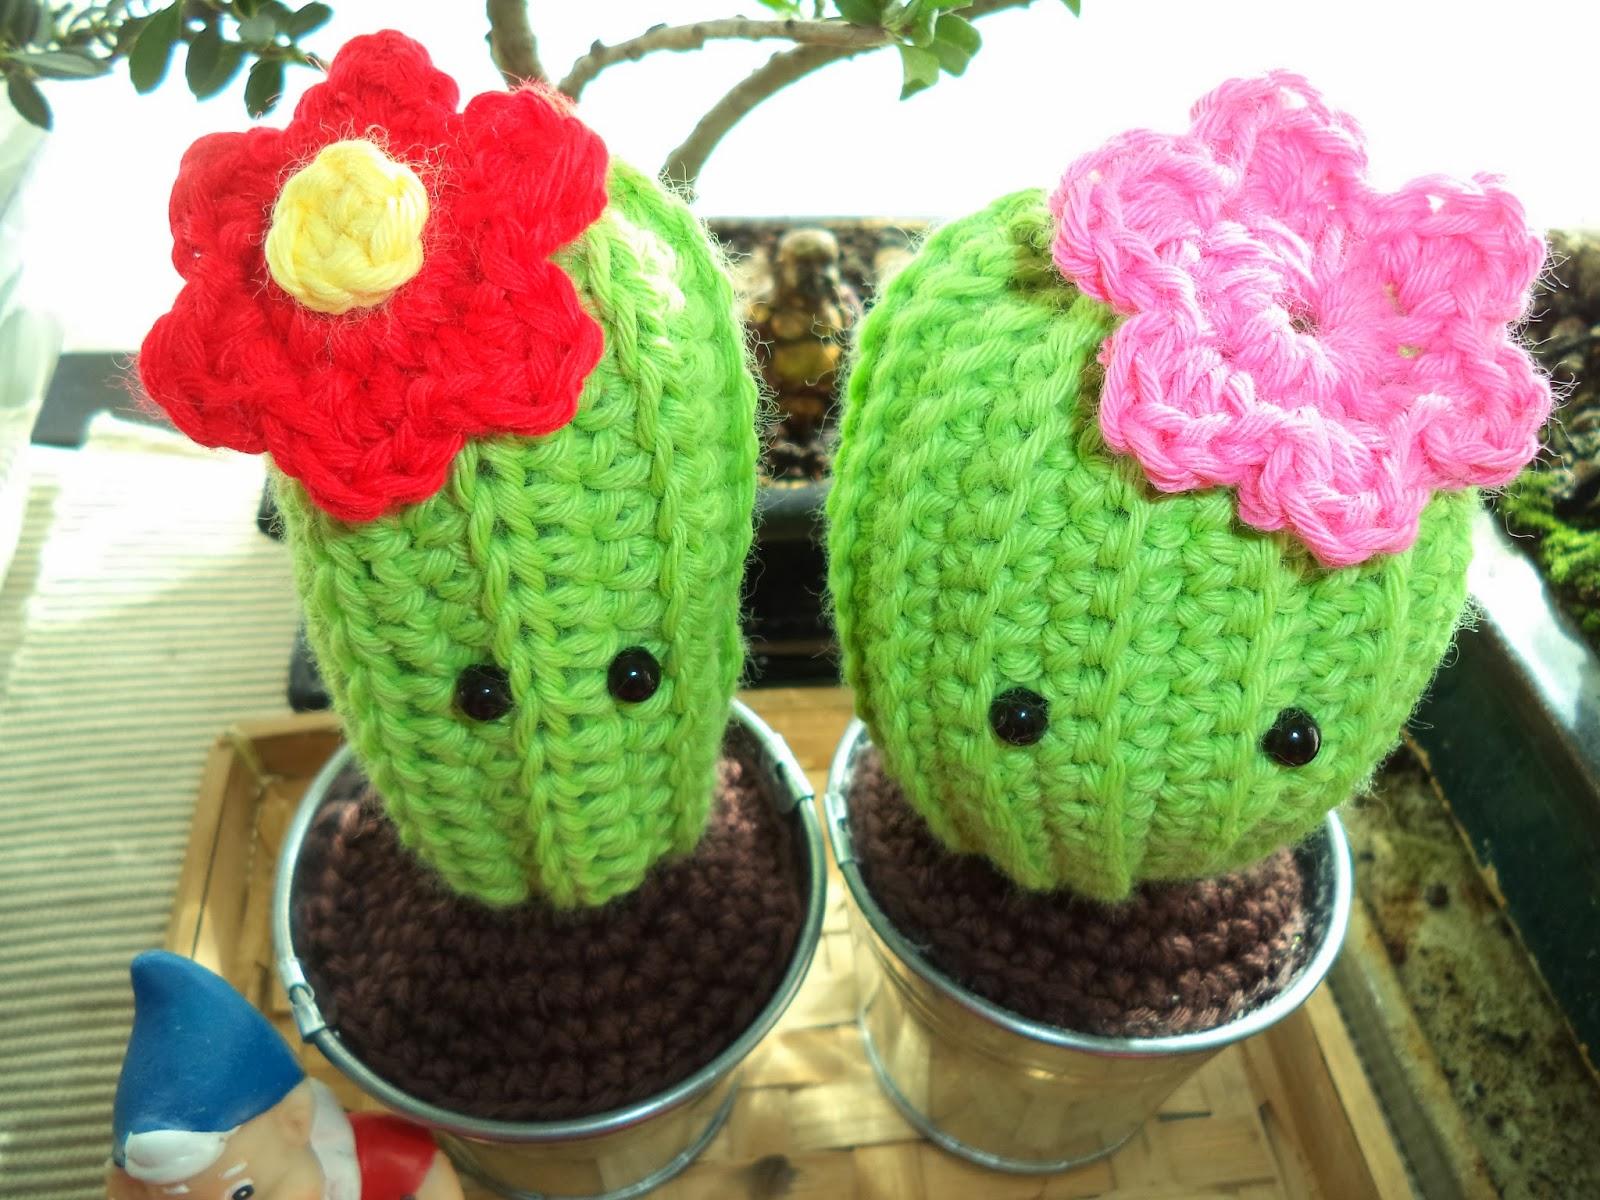 Amigurumi Cactus Crochet : Happy Ganchillo : Cactus Amigurumi - V?deo Tutorial